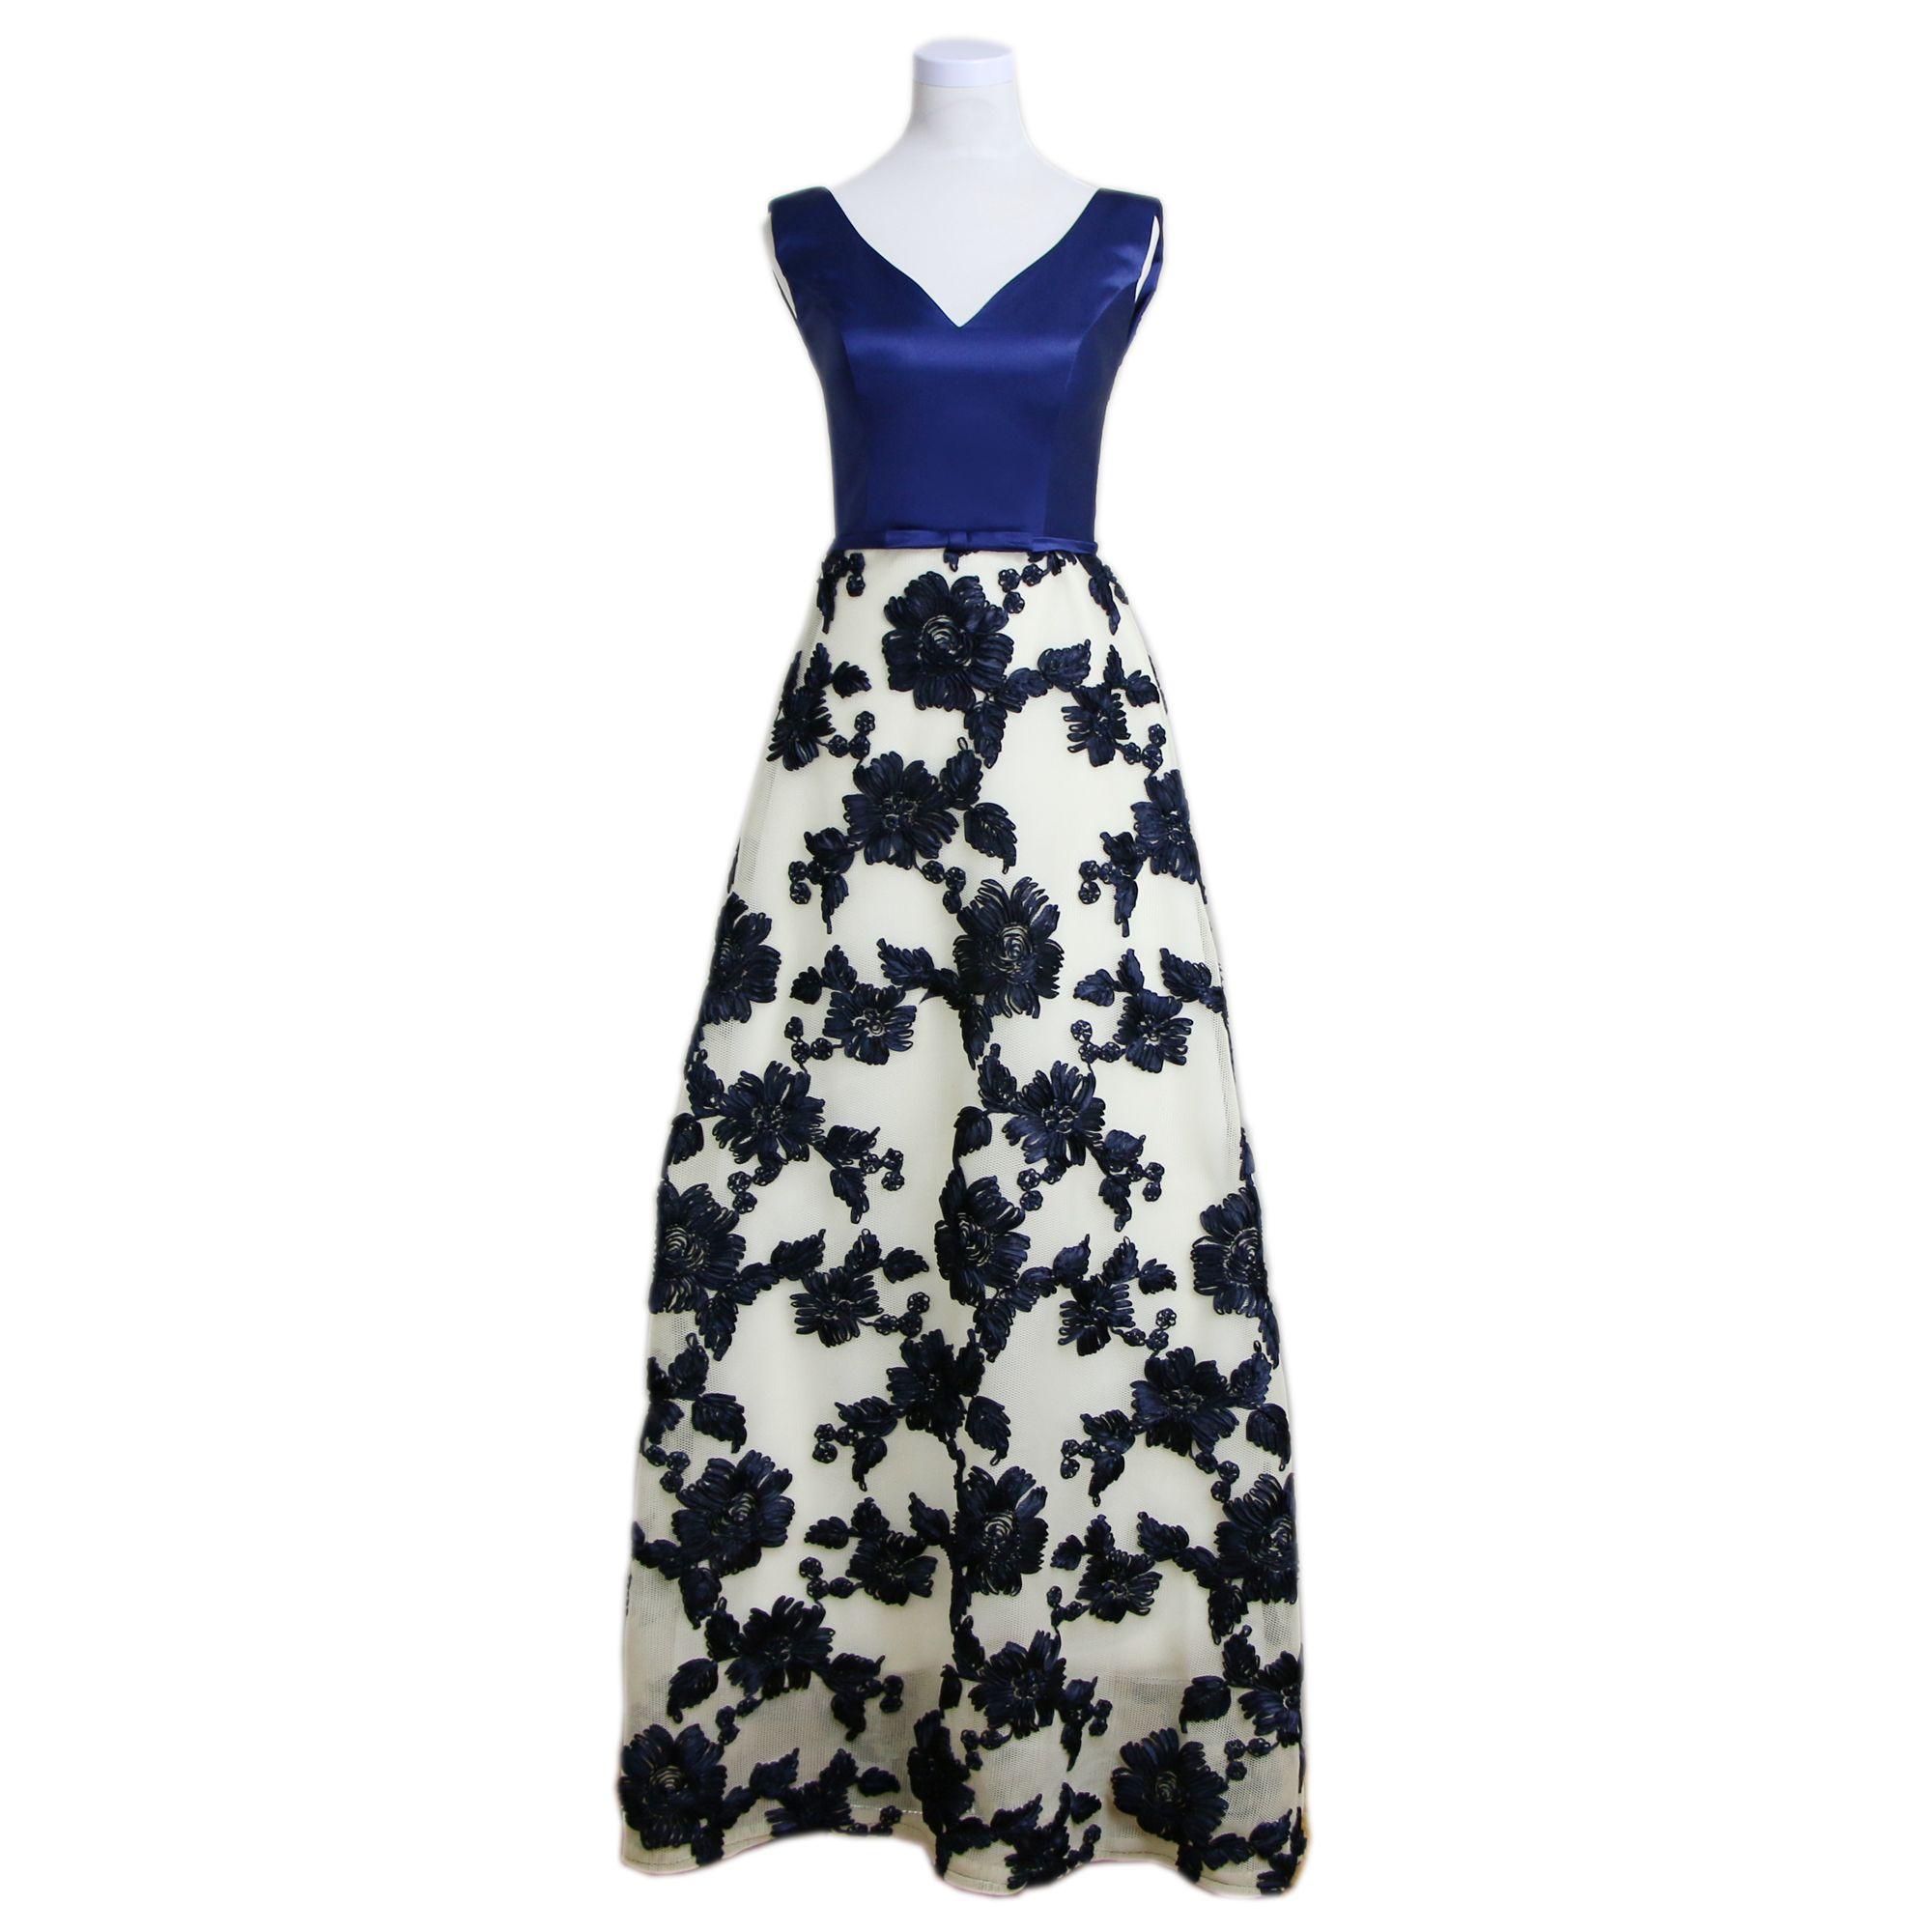 navy blue v neck floral appliques elegant evening dresses long